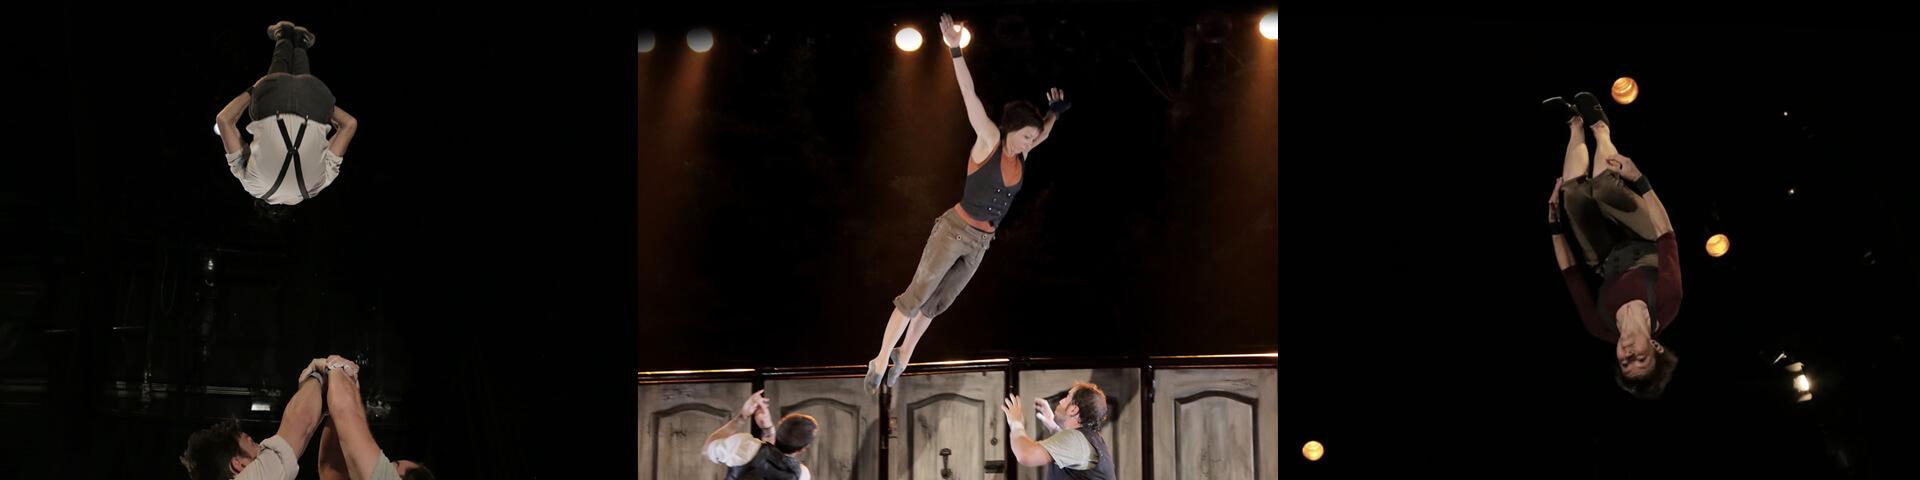 Espectacle Emportats. Companyia de circ La Trócola circ